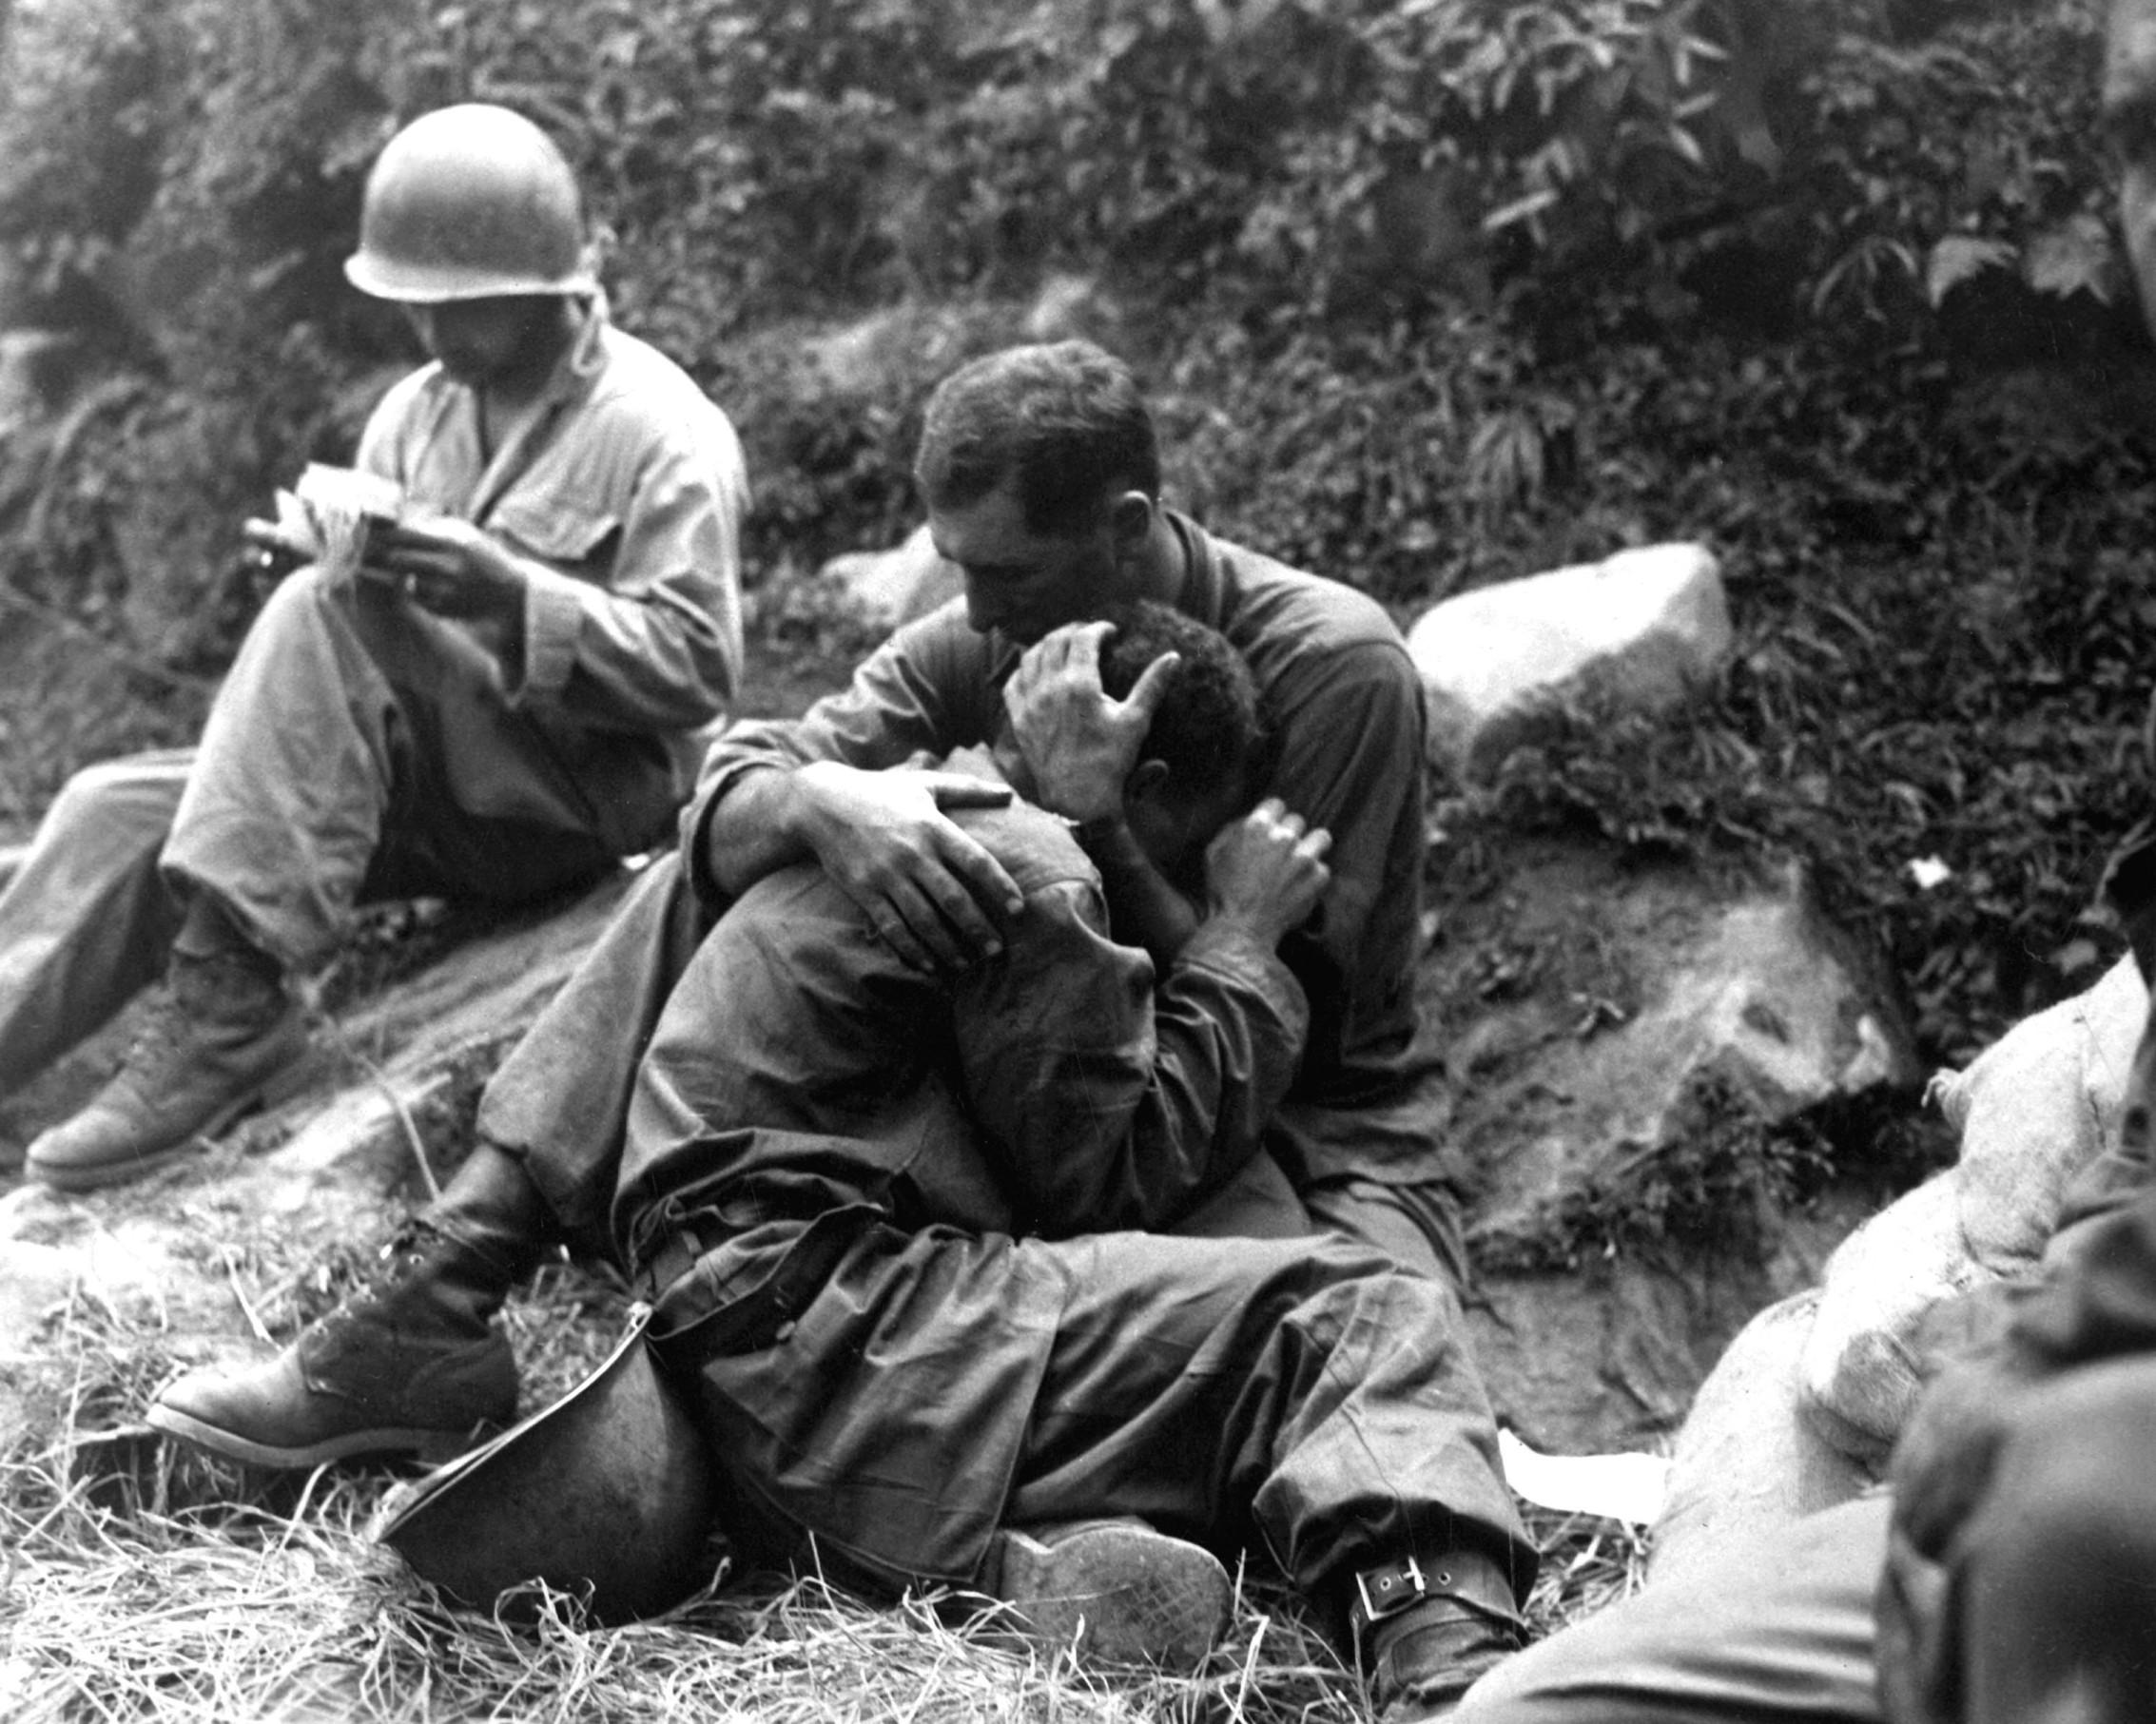 A Guerra da Coreia (1950-1953) foi o primeiro conflito moderno a colocar em lados opostos os americanos e os chineses e soviéticos.